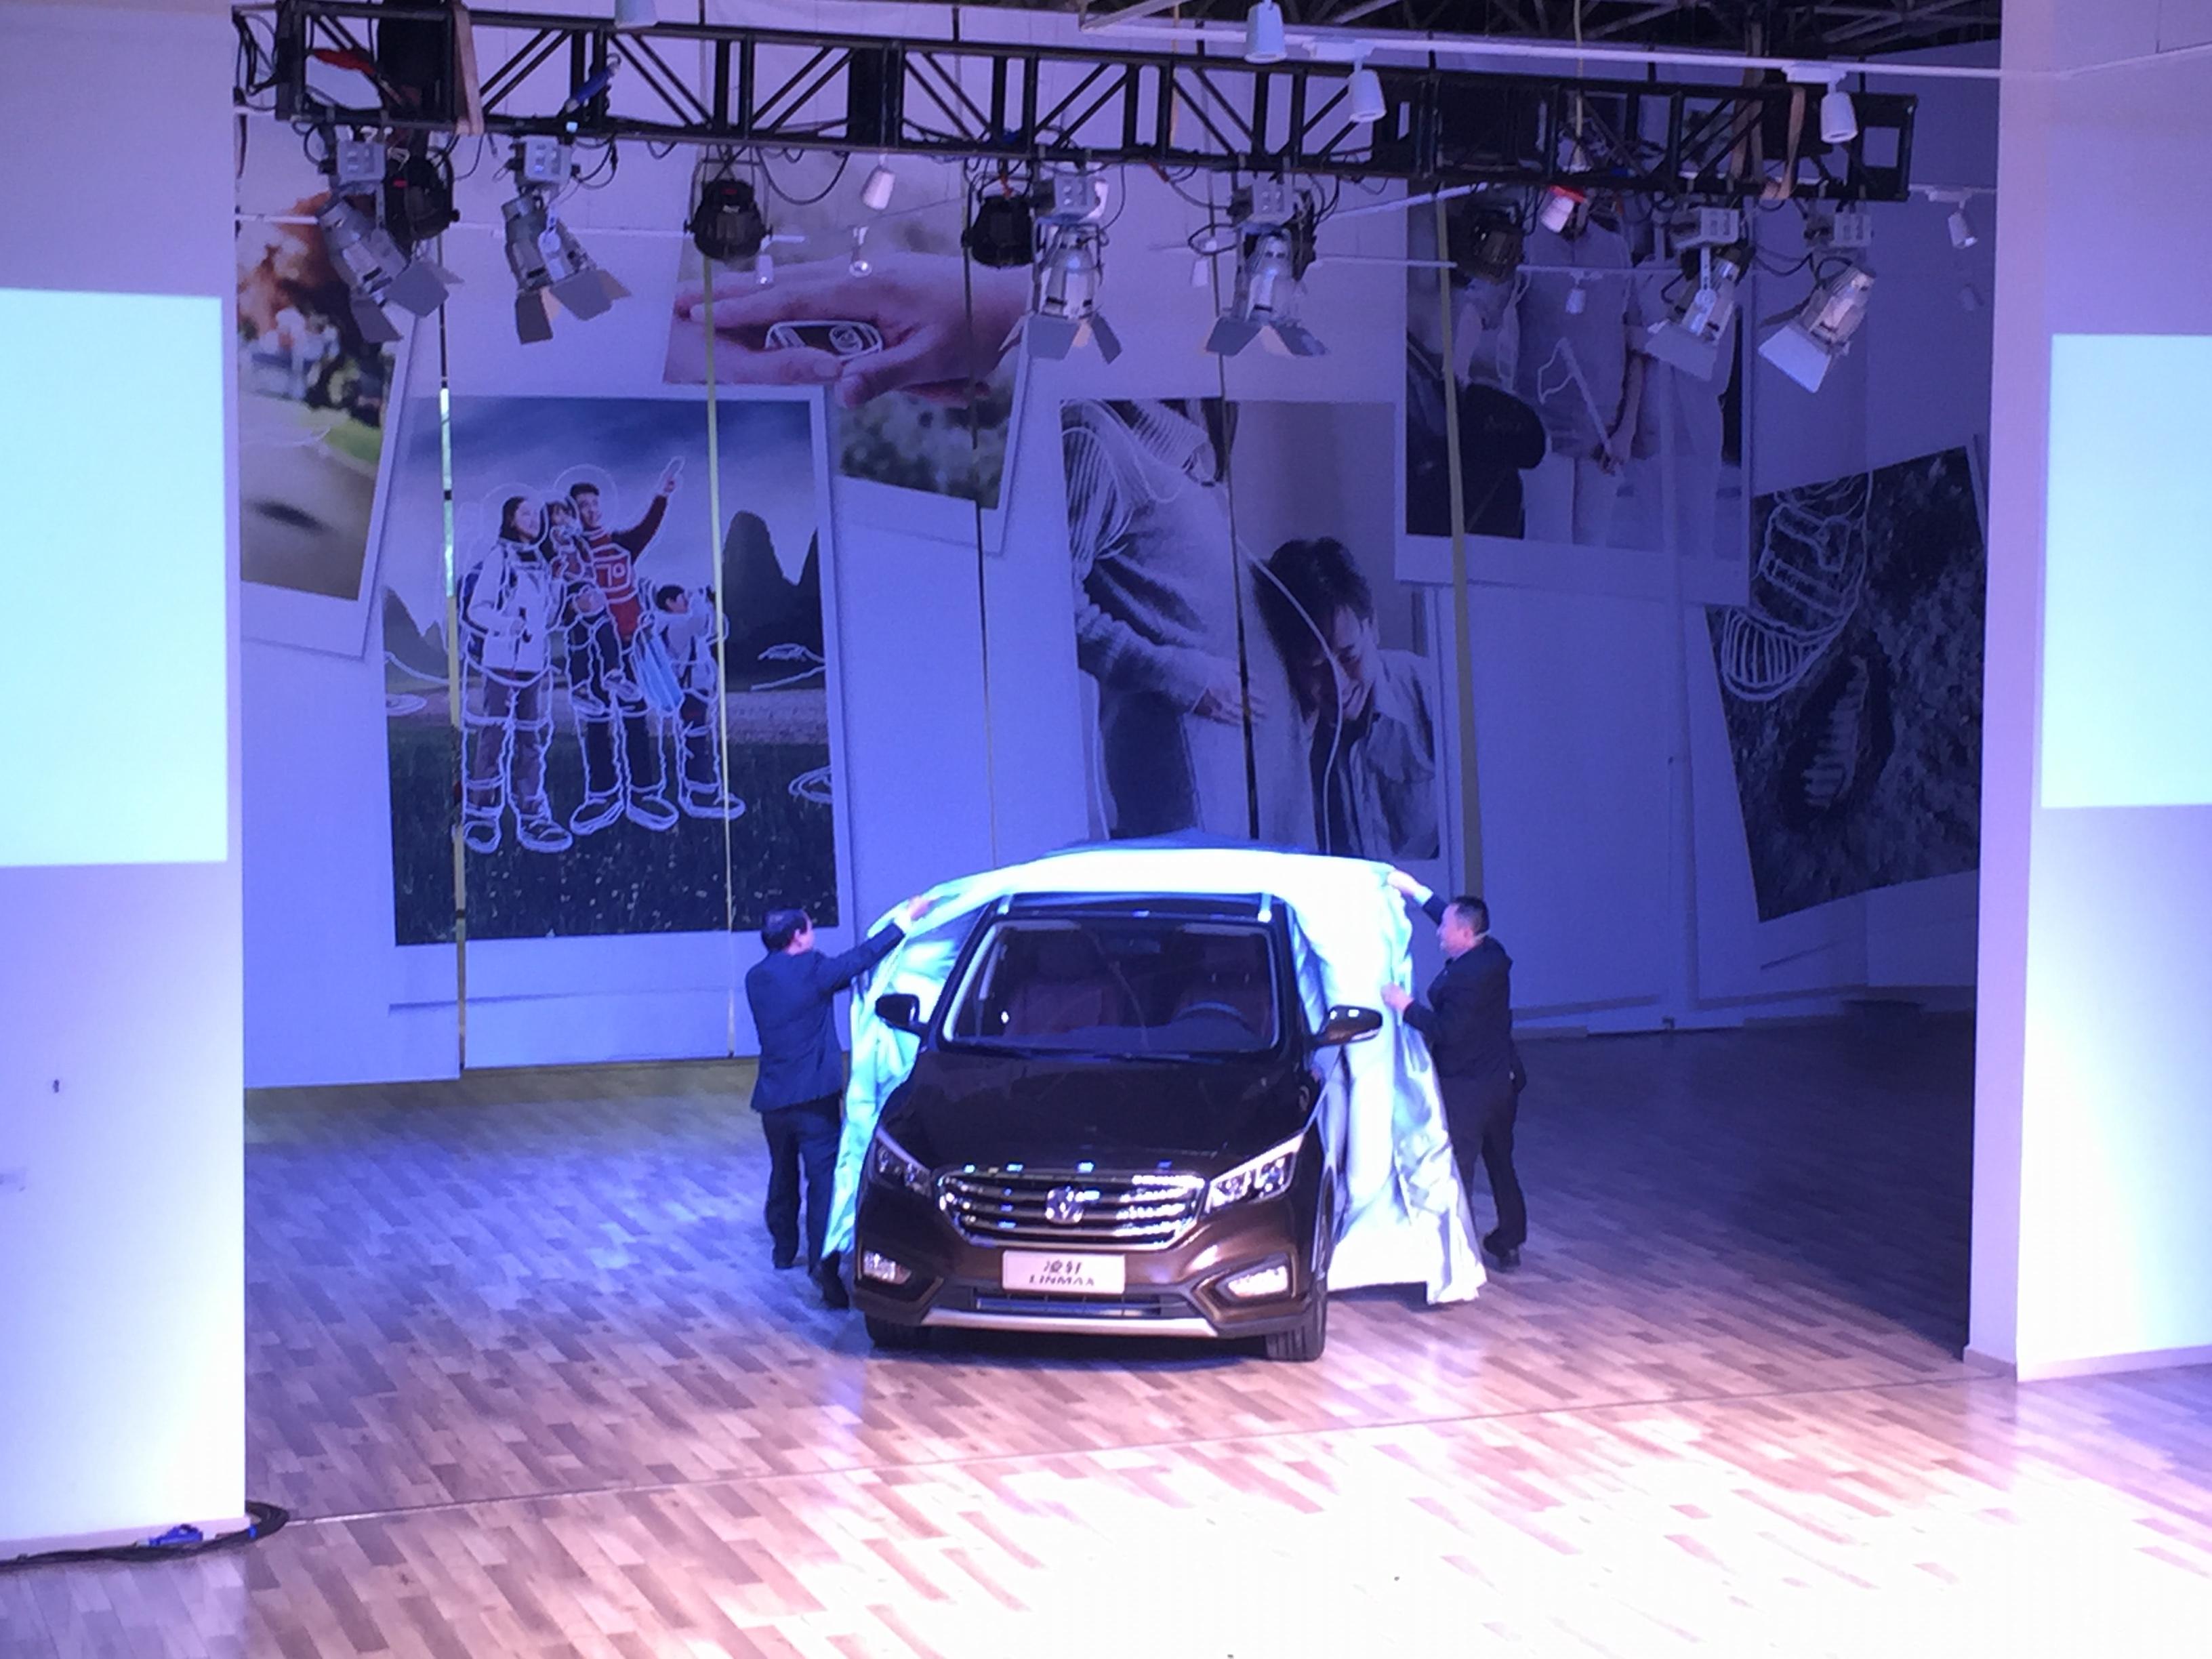 【图2】长安汽车领导为新车揭幕-中型MPV实力新丁 长安凌轩风采亮高清图片